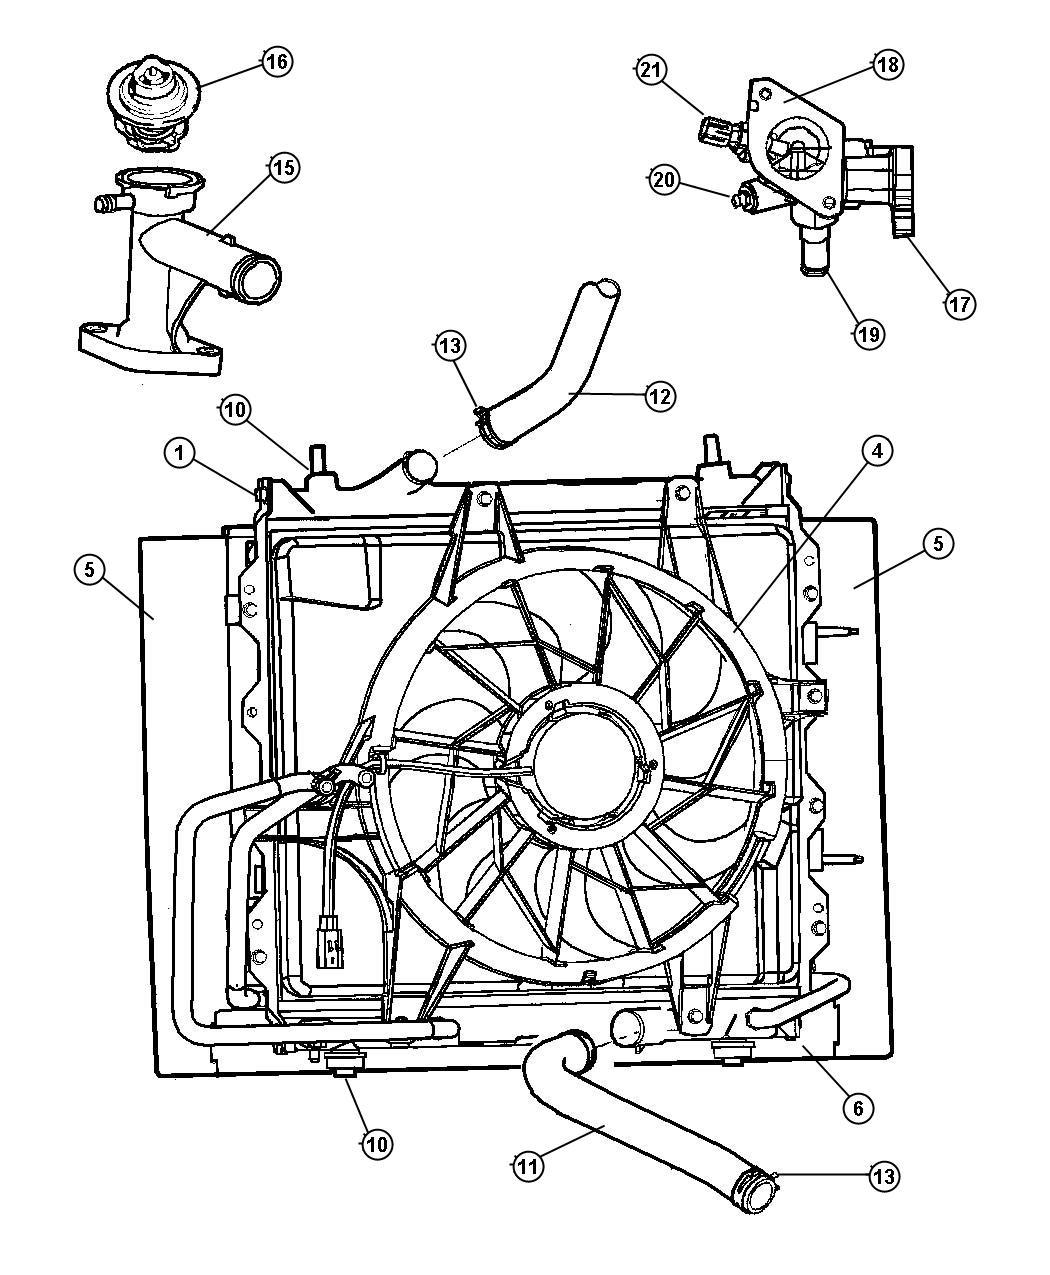 pt cruiser radiator parts diagrams pt free engine image. Black Bedroom Furniture Sets. Home Design Ideas